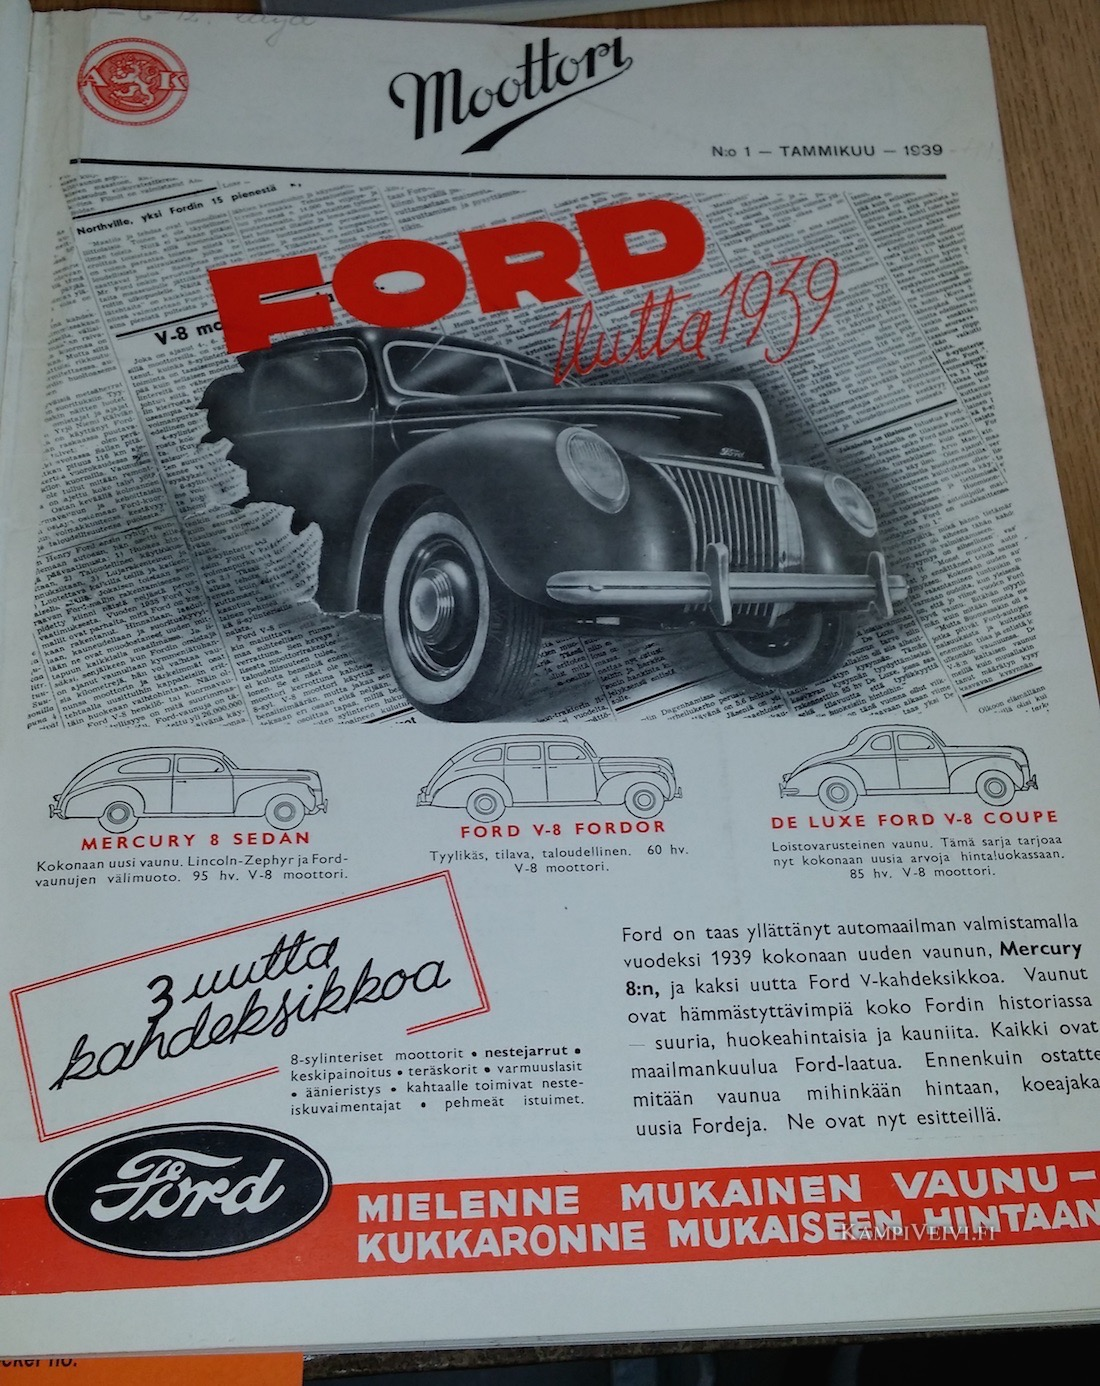 Lähde: Moottori-lehti 1939